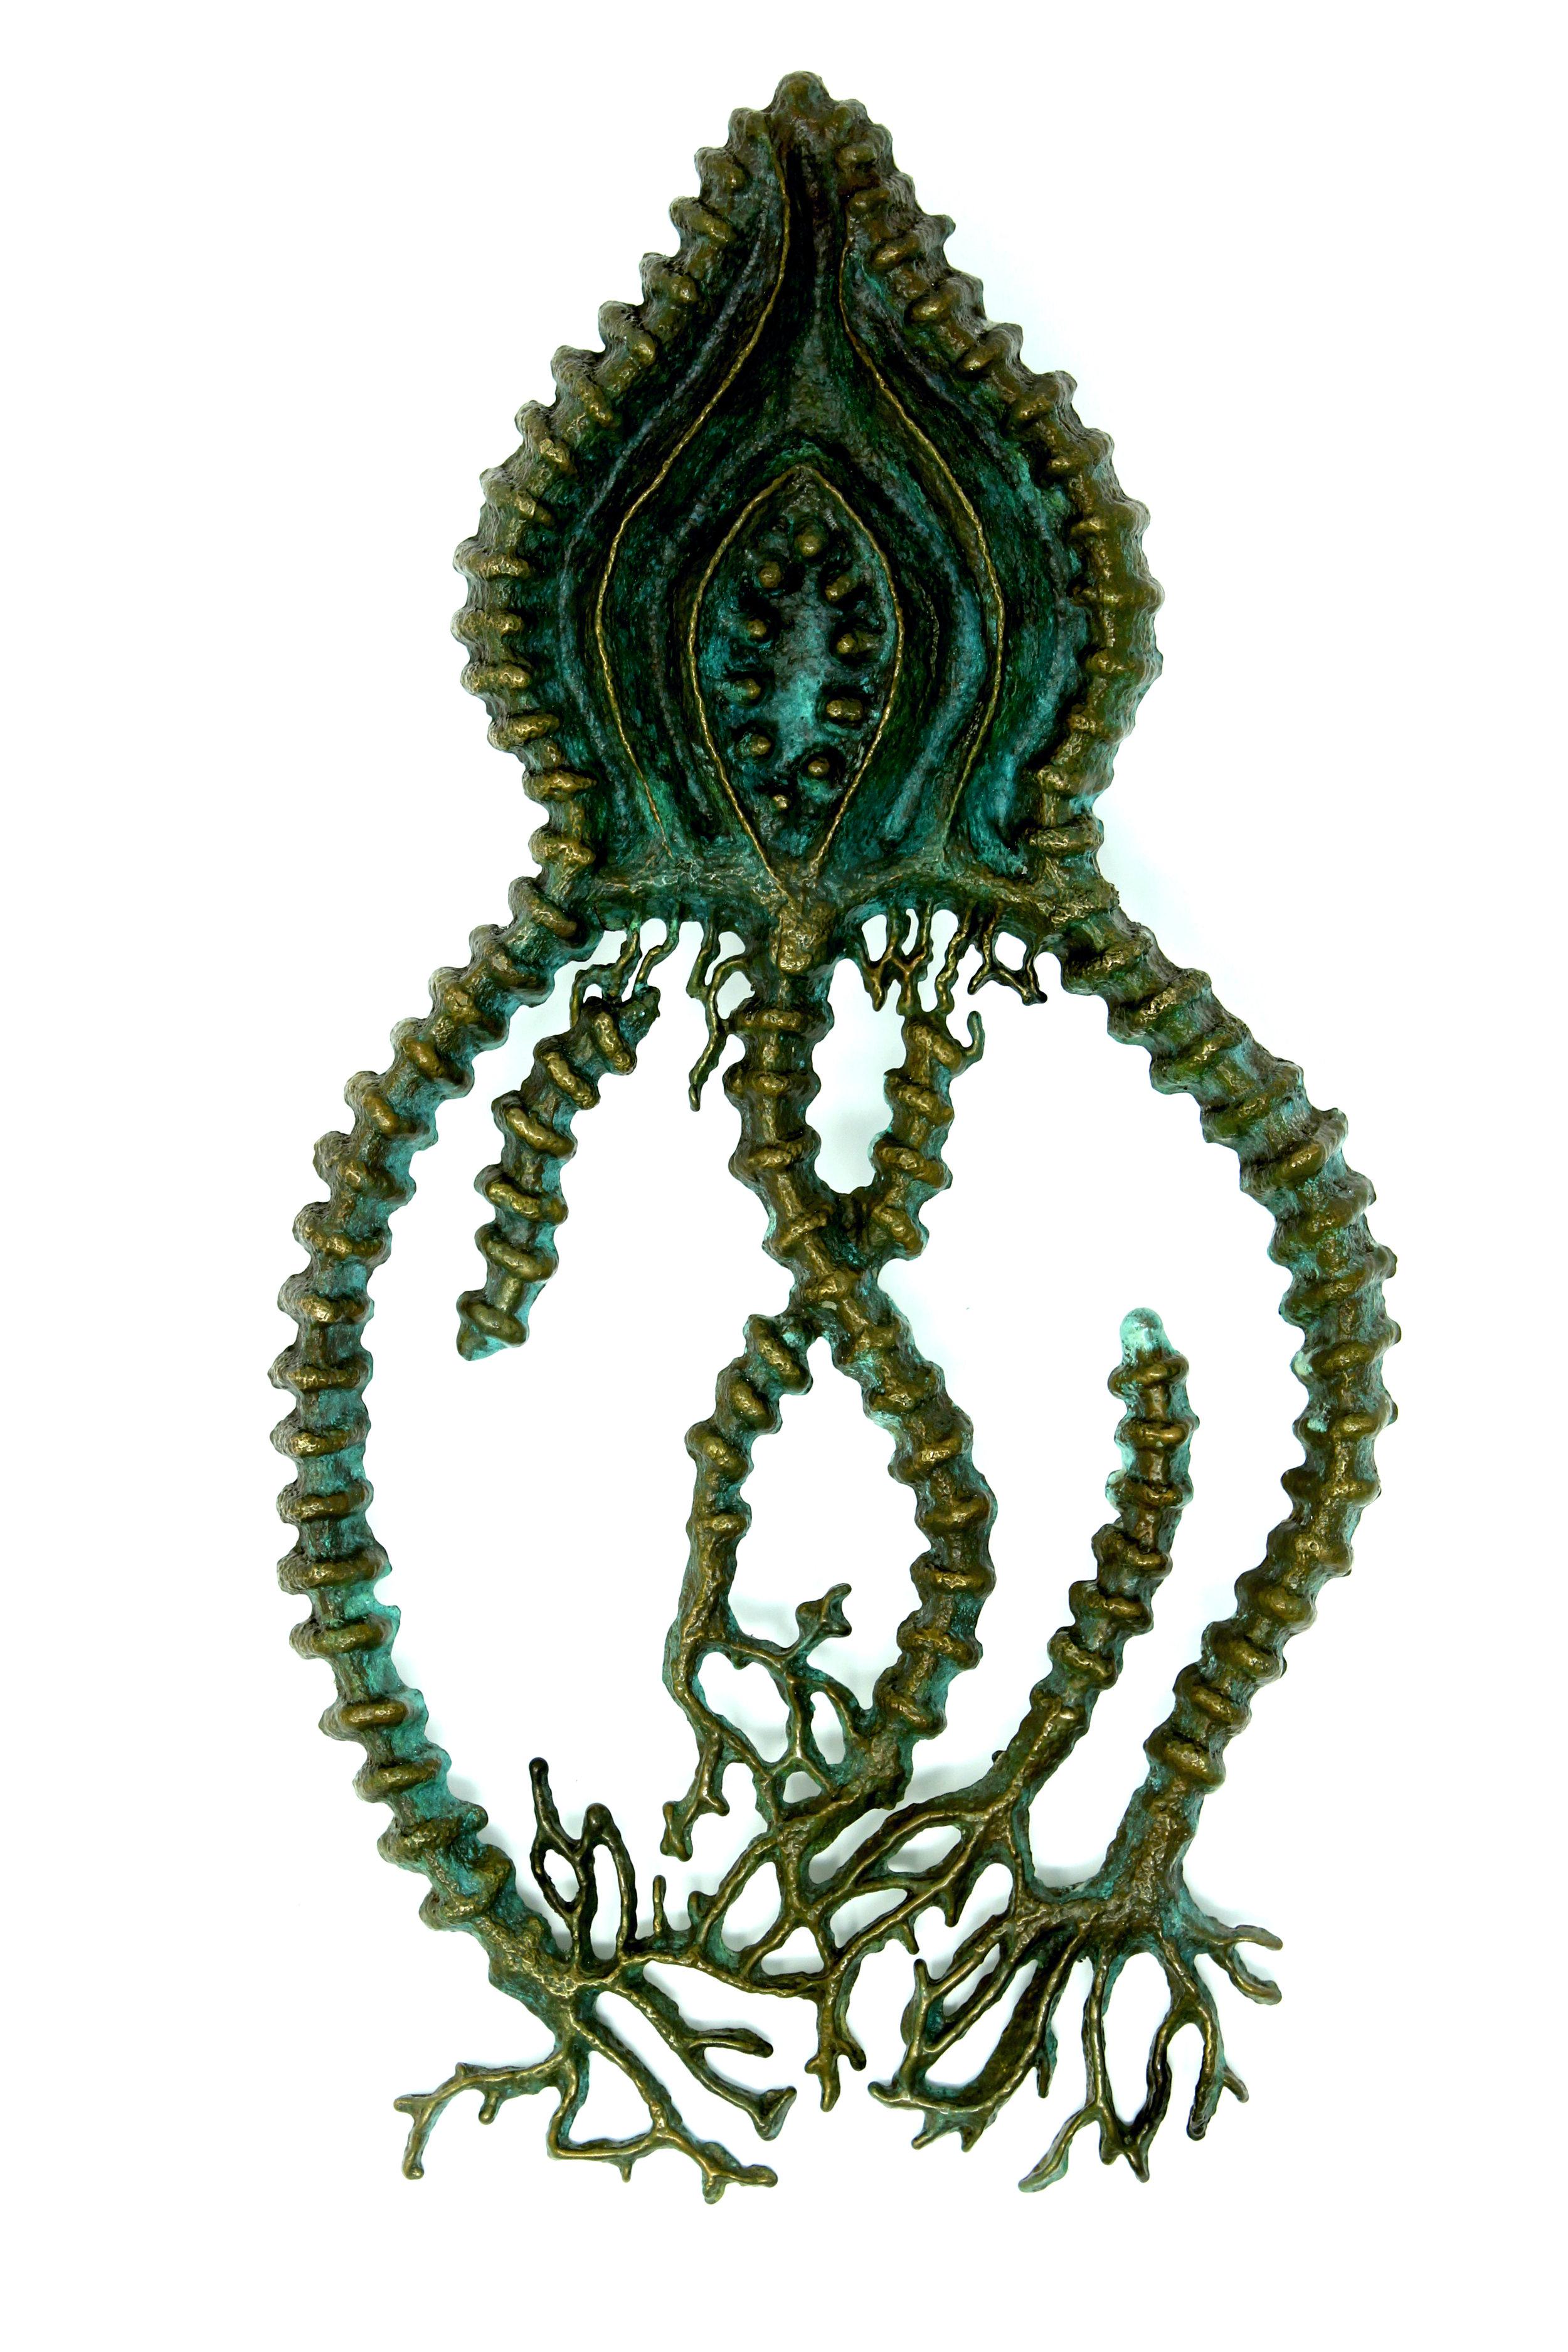 Medusa #1